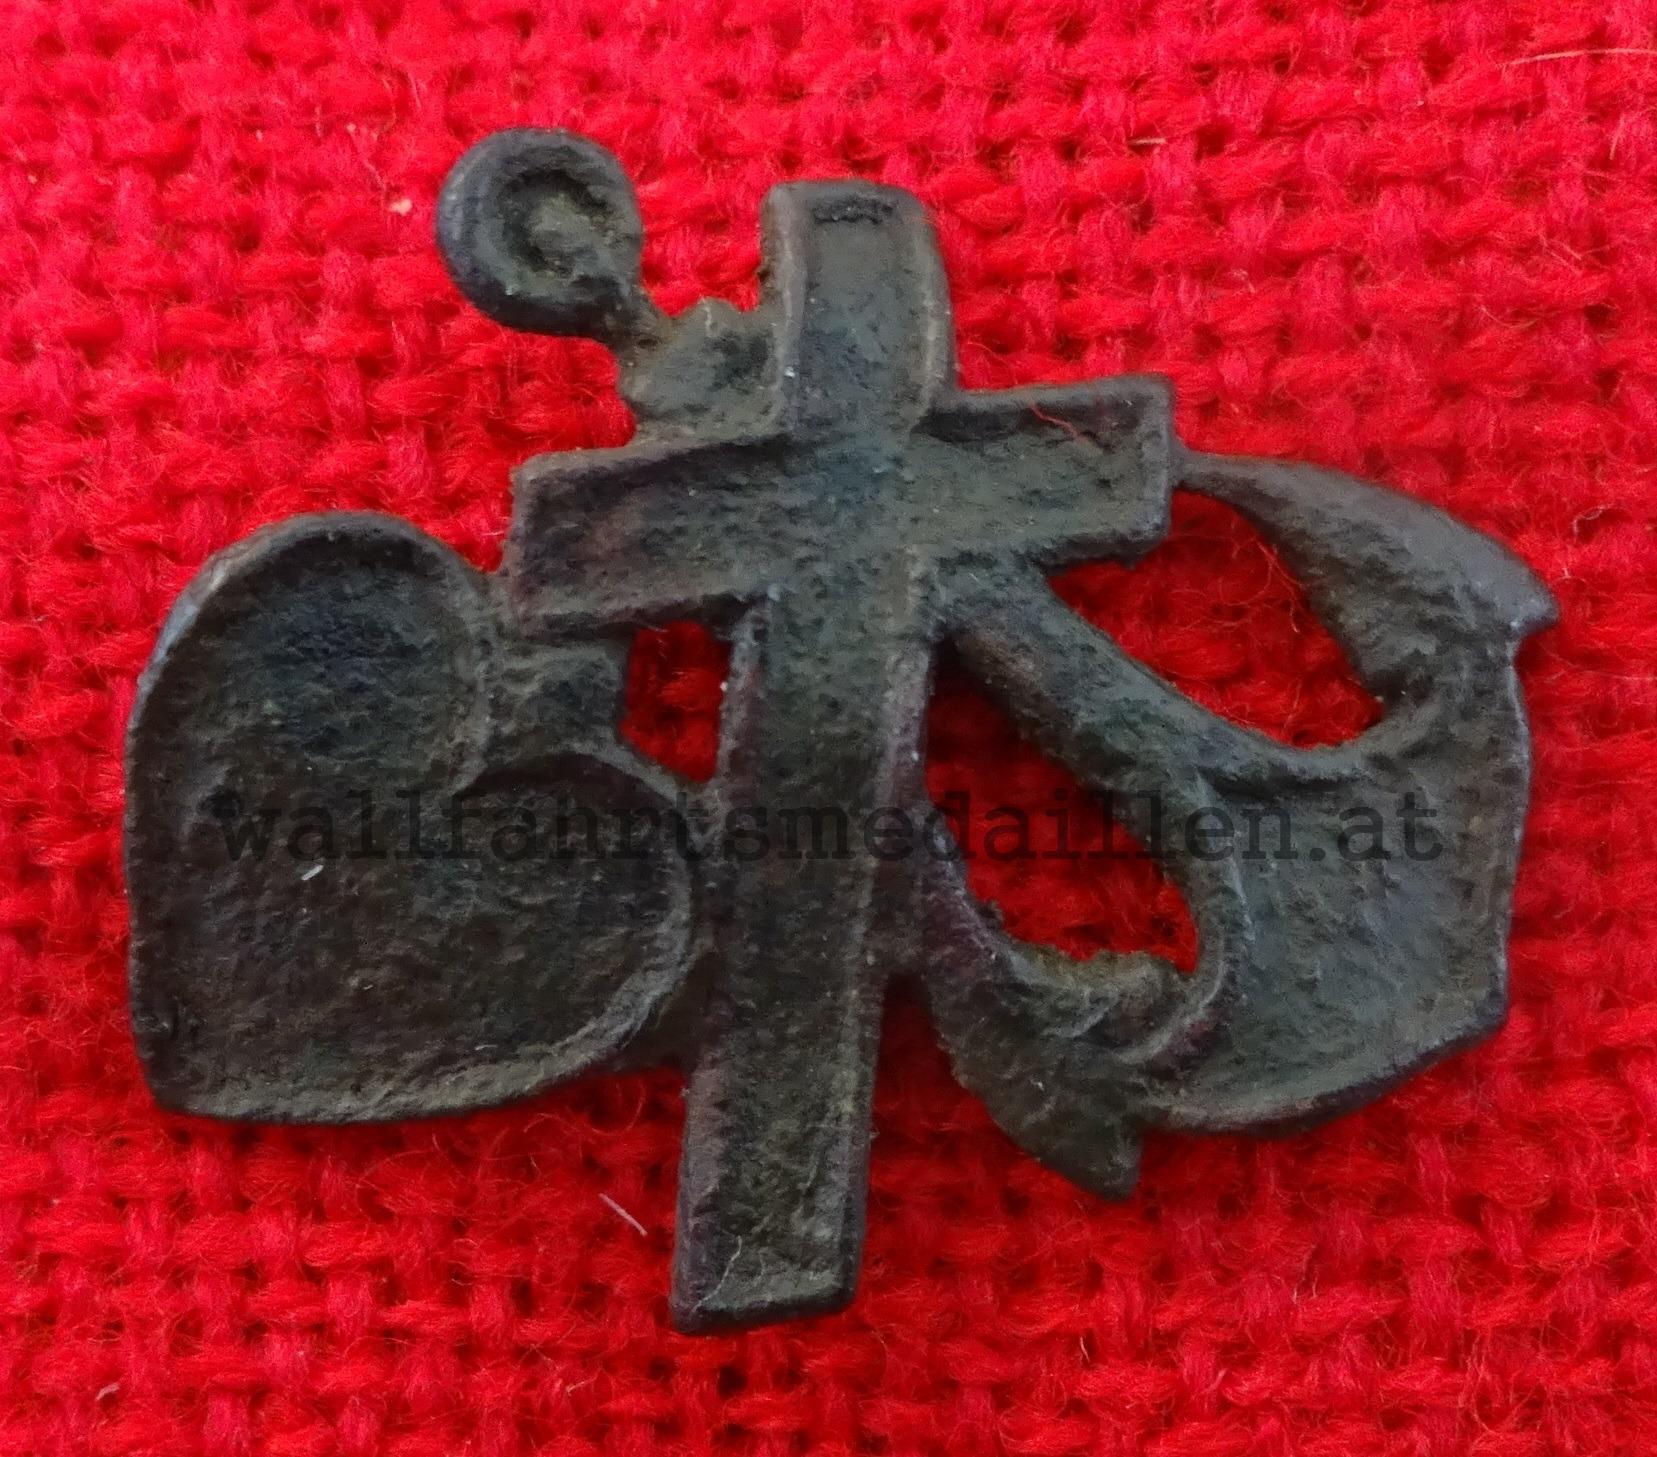 Kreuz, Anker, Herz - Die drei göttlichen Tugenden